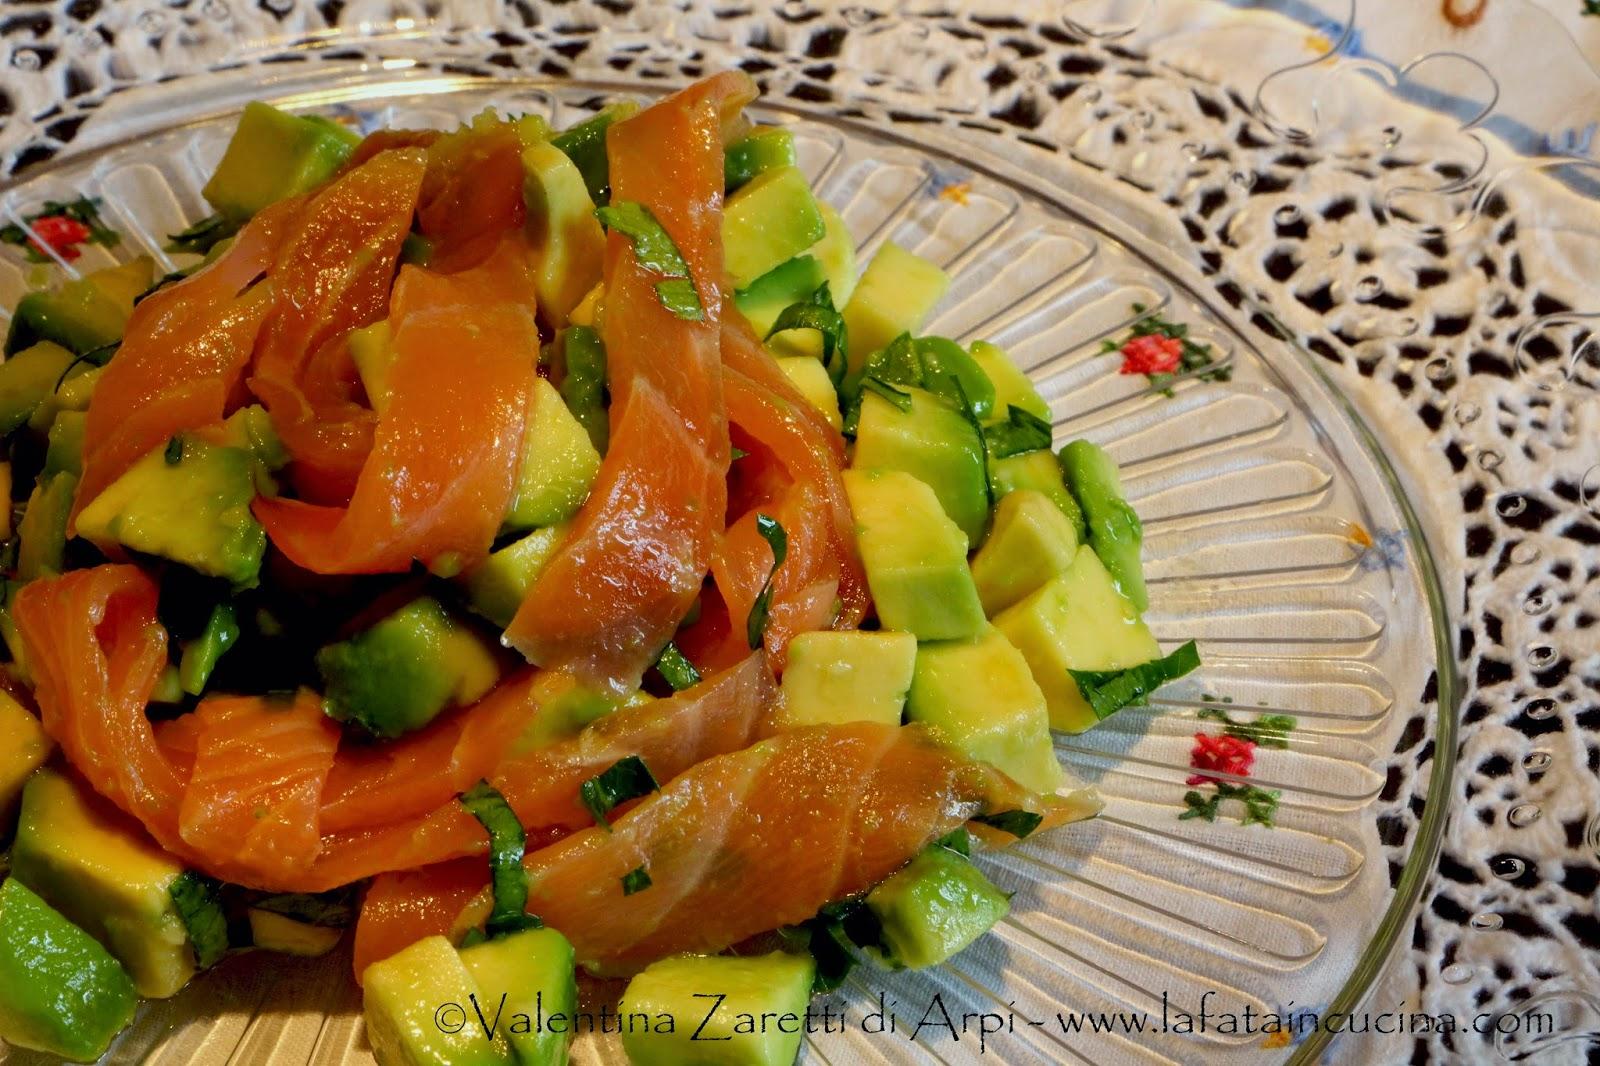 La fata in Cucina: Insalata di salmone ed avocado